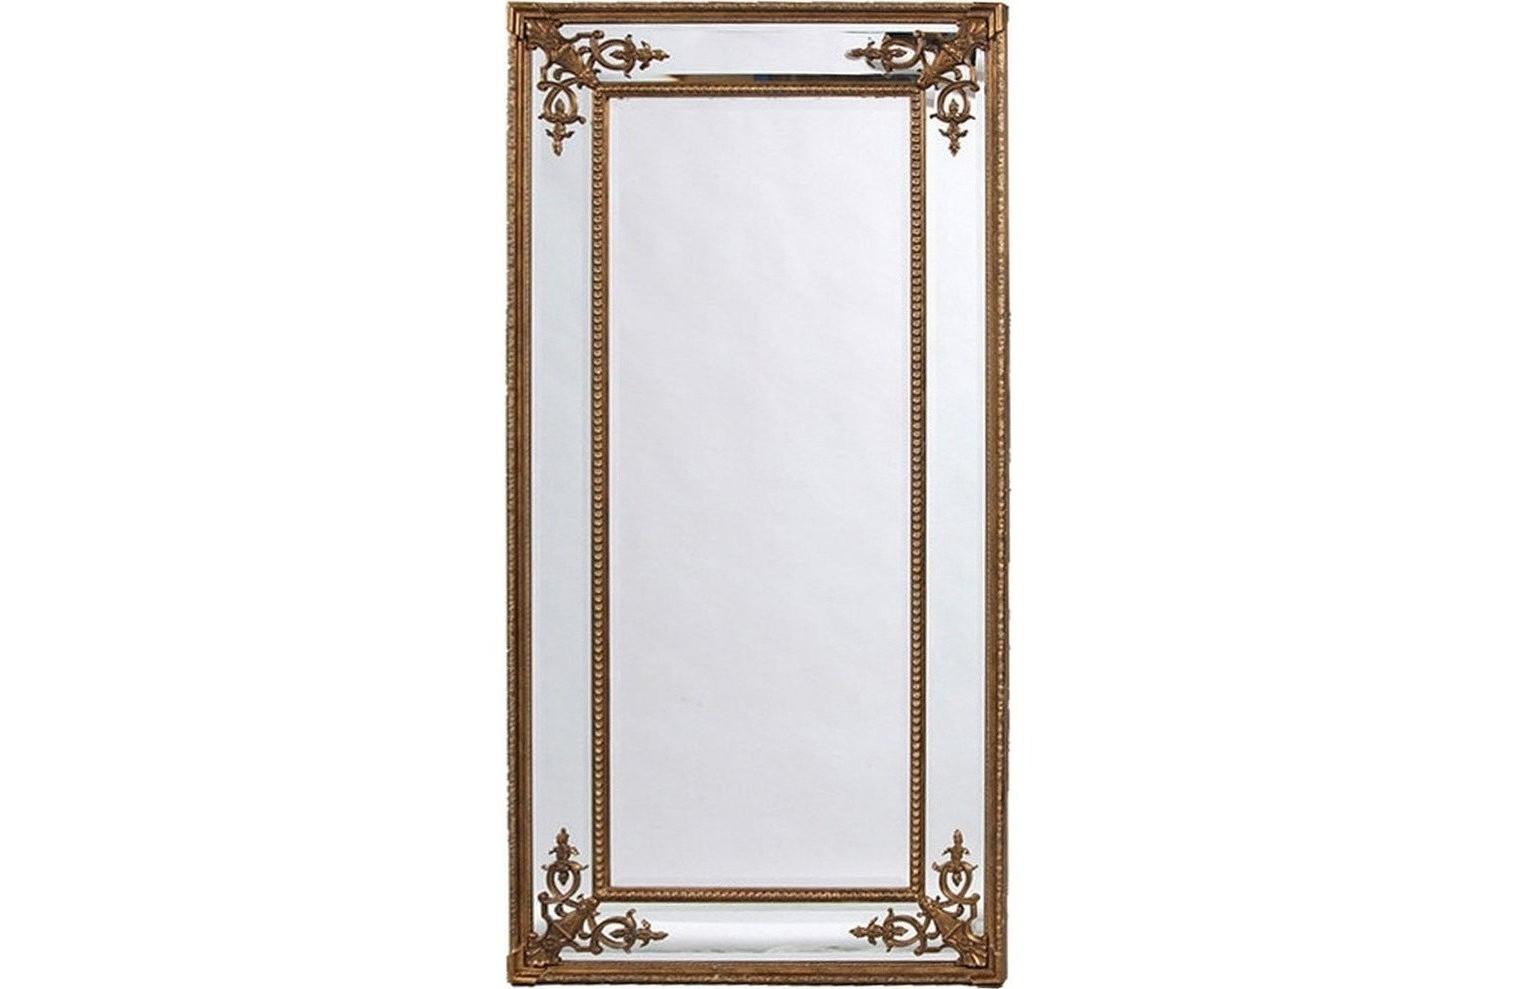 Напольное зеркало венето (золото) (francois mirro) золотой 92.0x200.0x6.0 см.